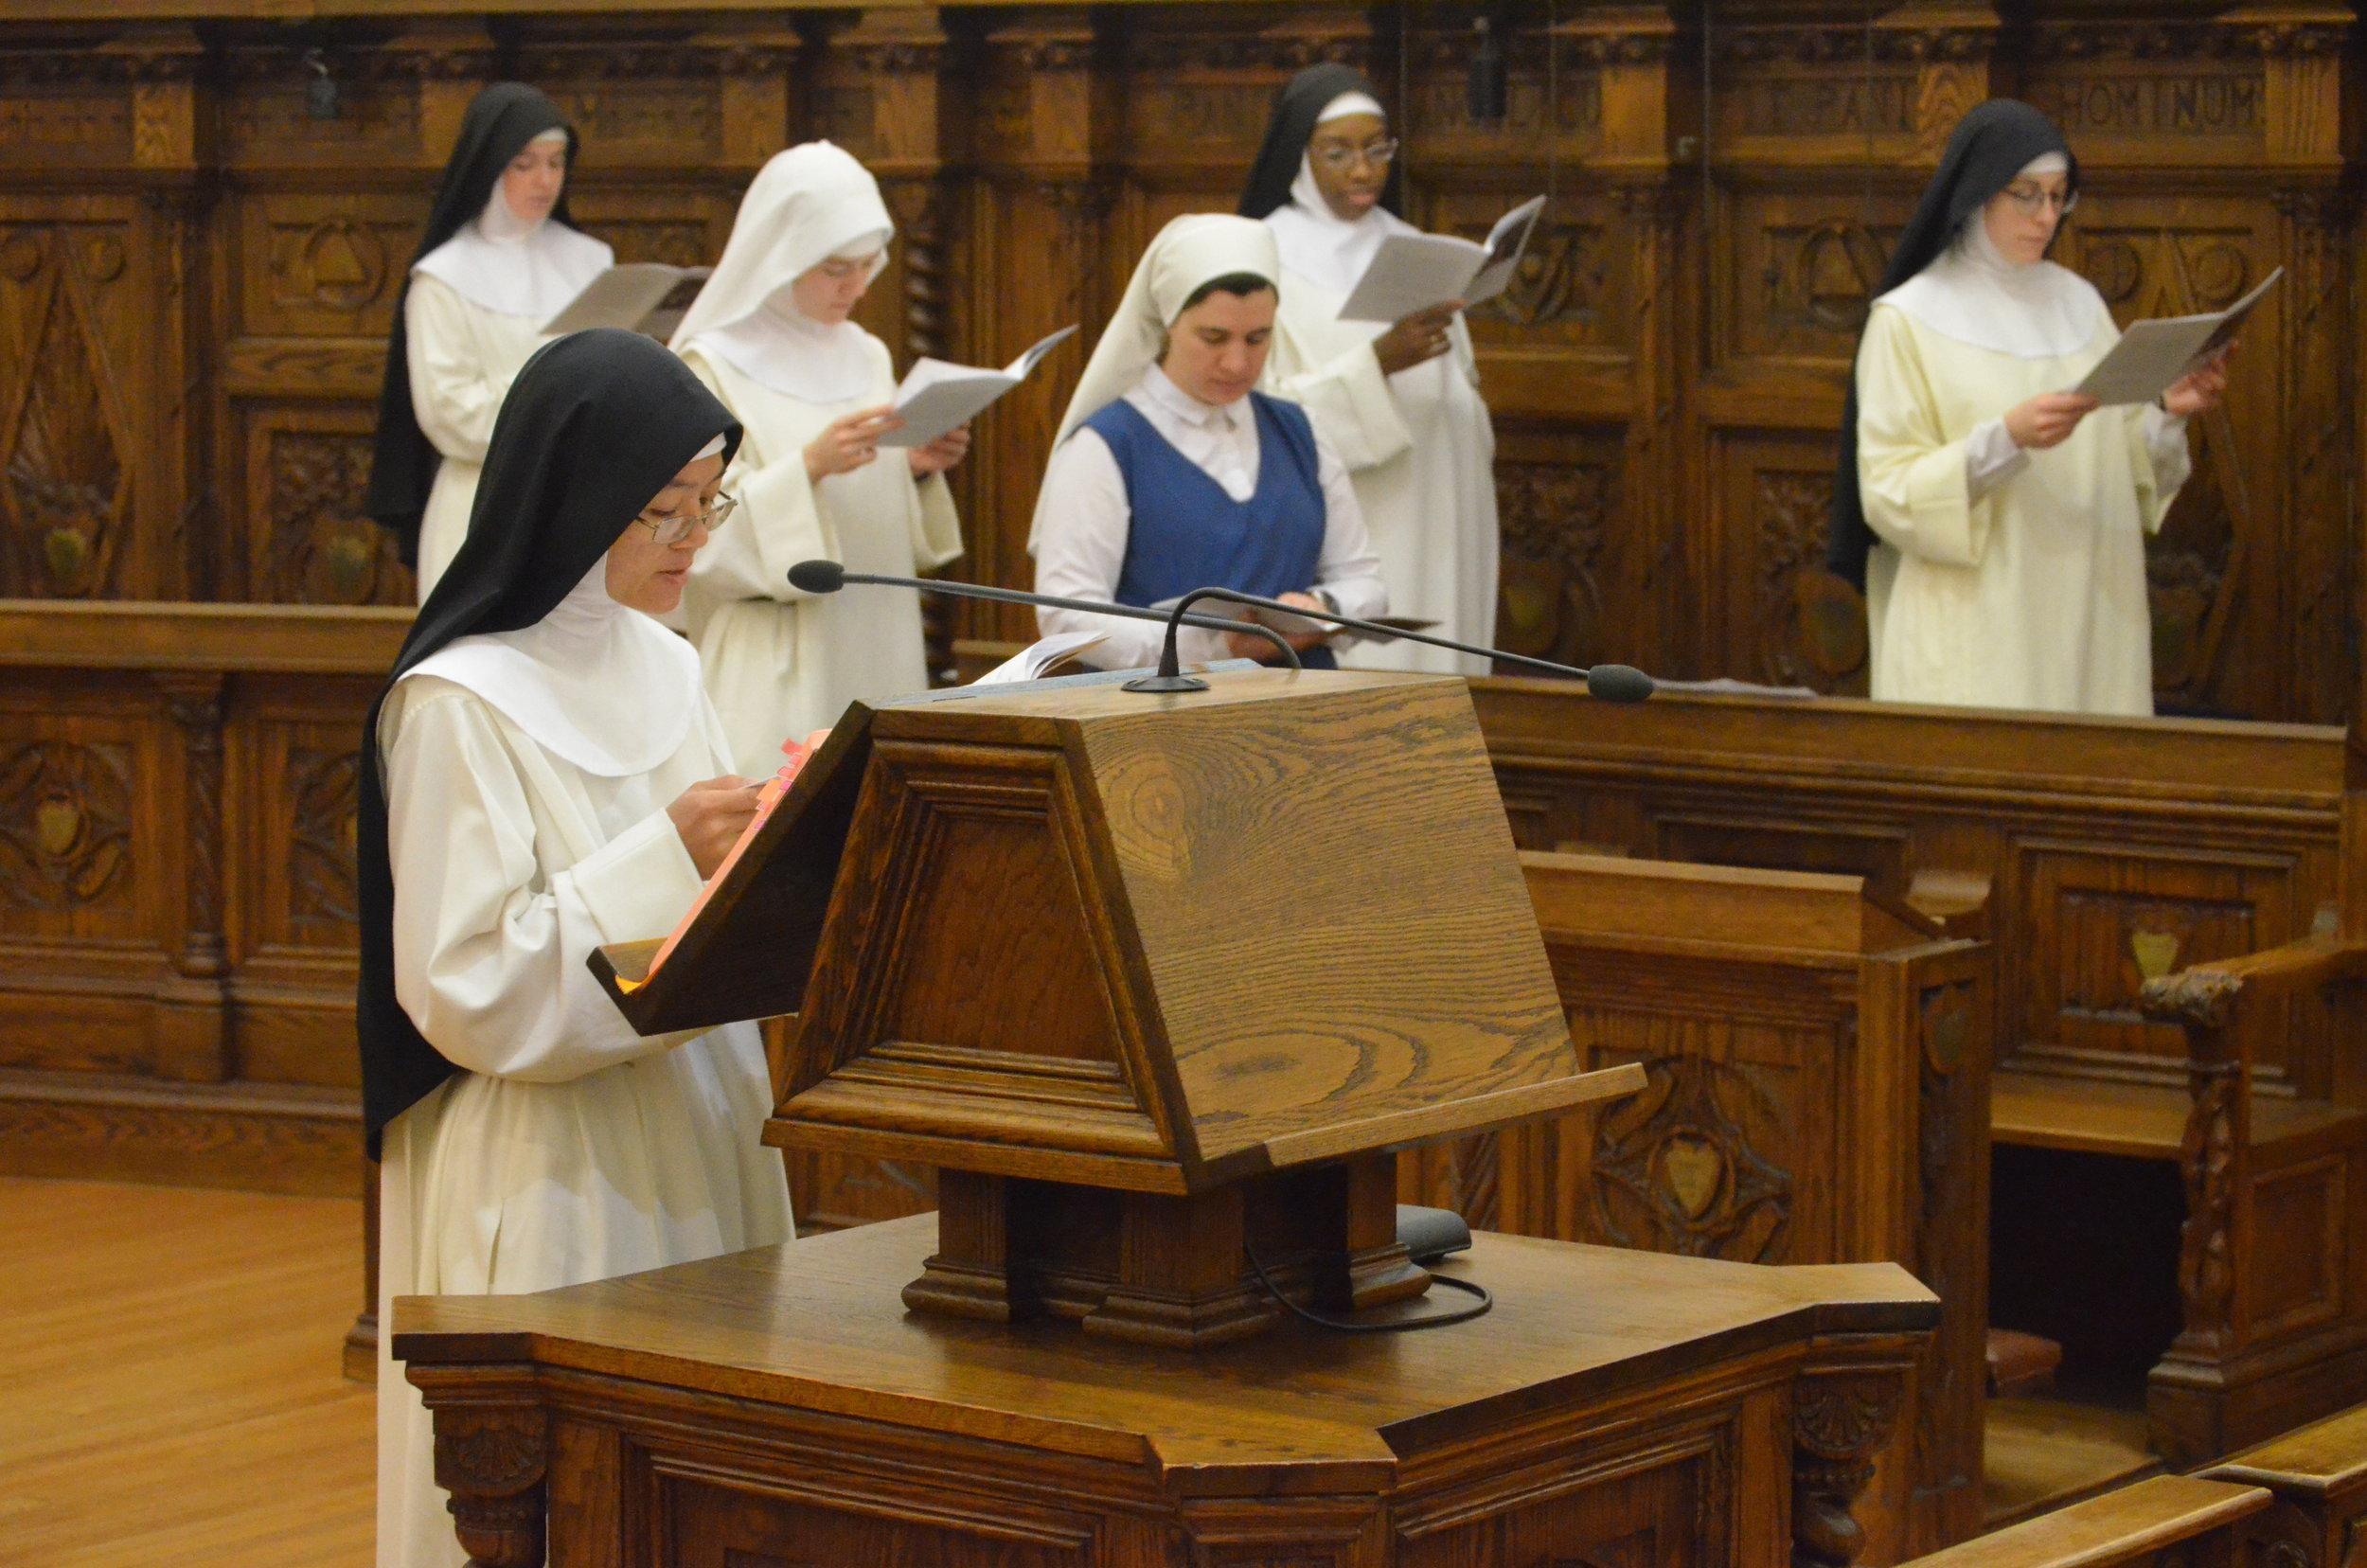 Sr. Joseph Maria reads an intercession